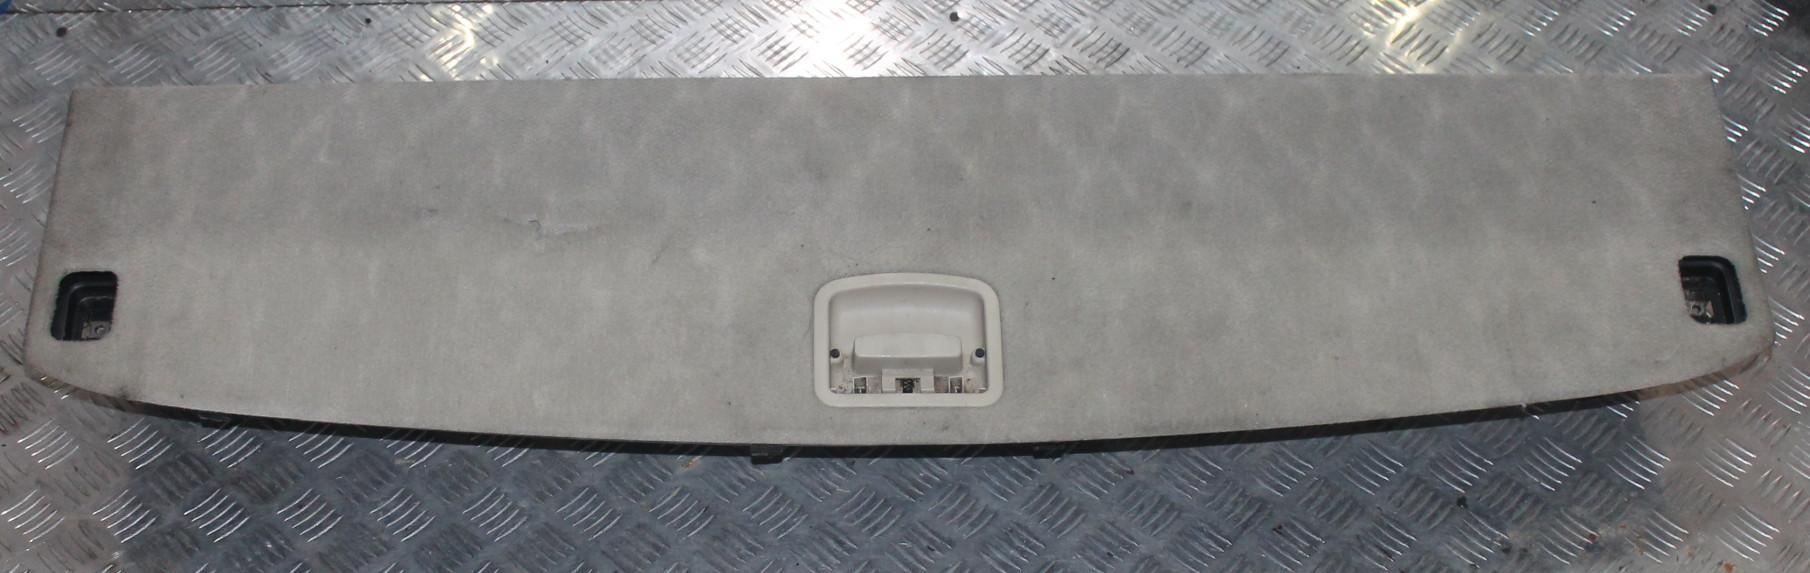 Ящик для инструментов (набор инструментов)   857102B200